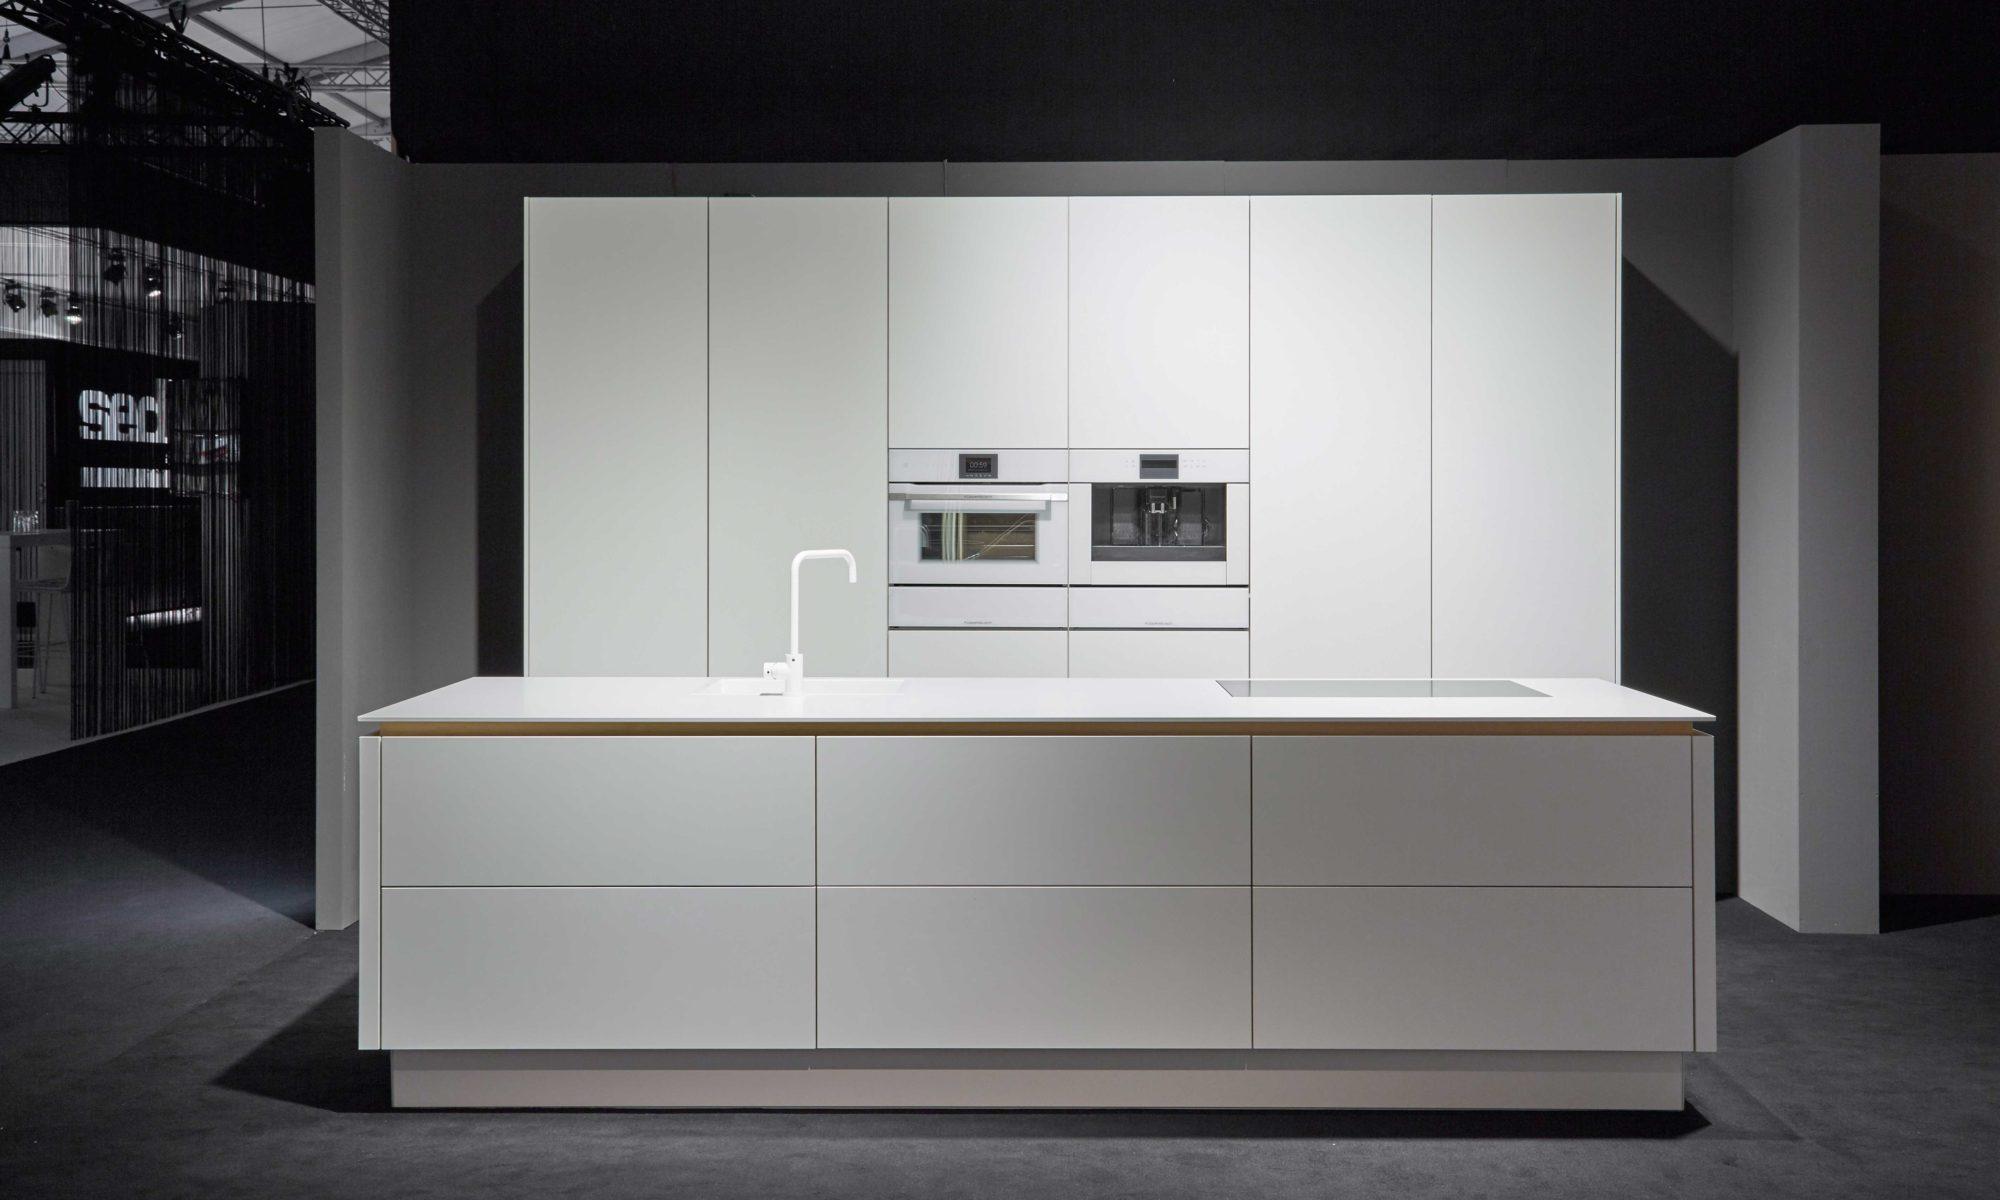 BAX, Küche, modern, Design, weiß, clean